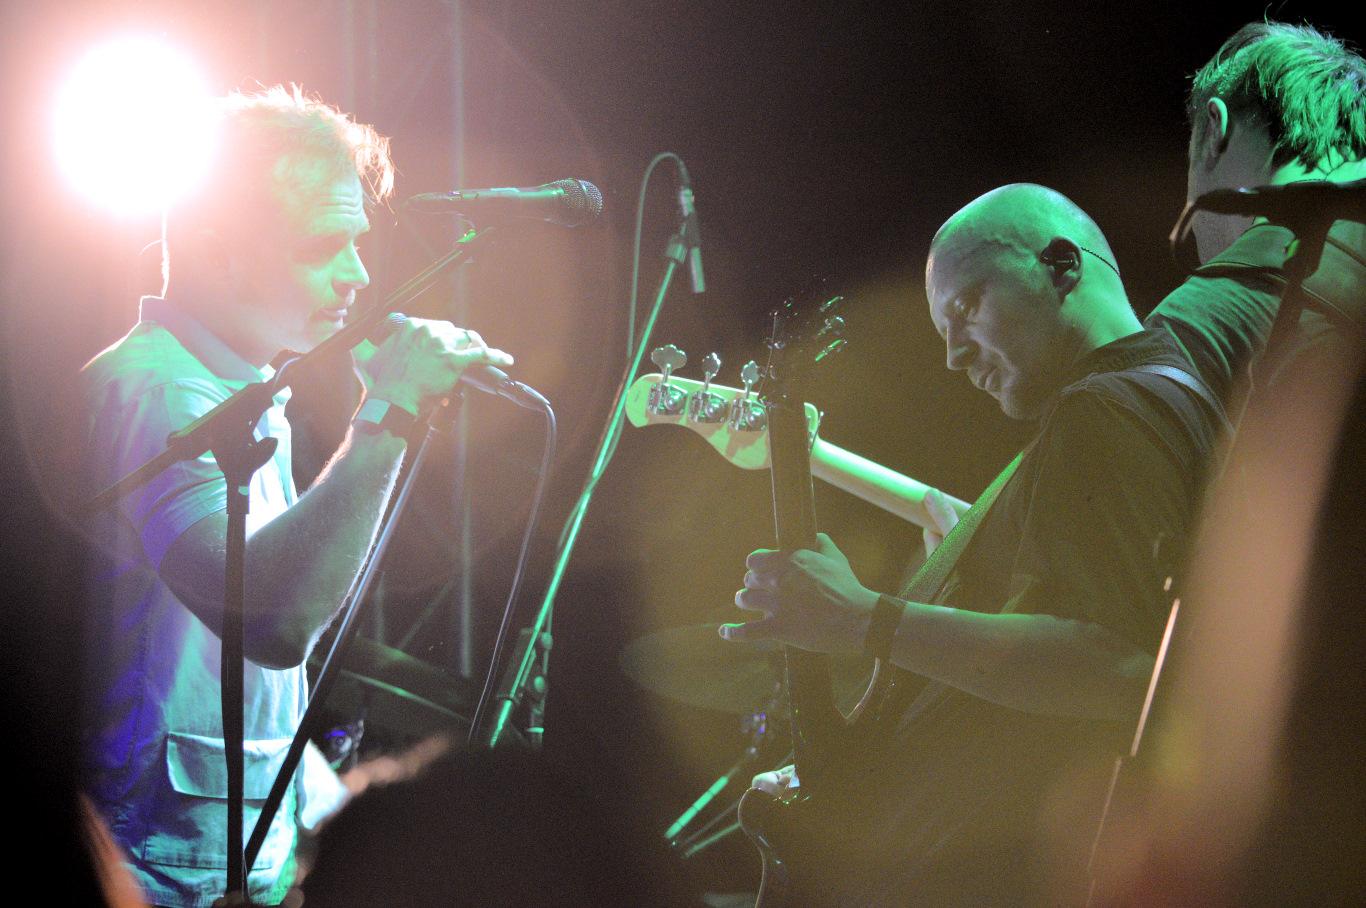 Energetyczny show – koncert Coma w Newcastle.